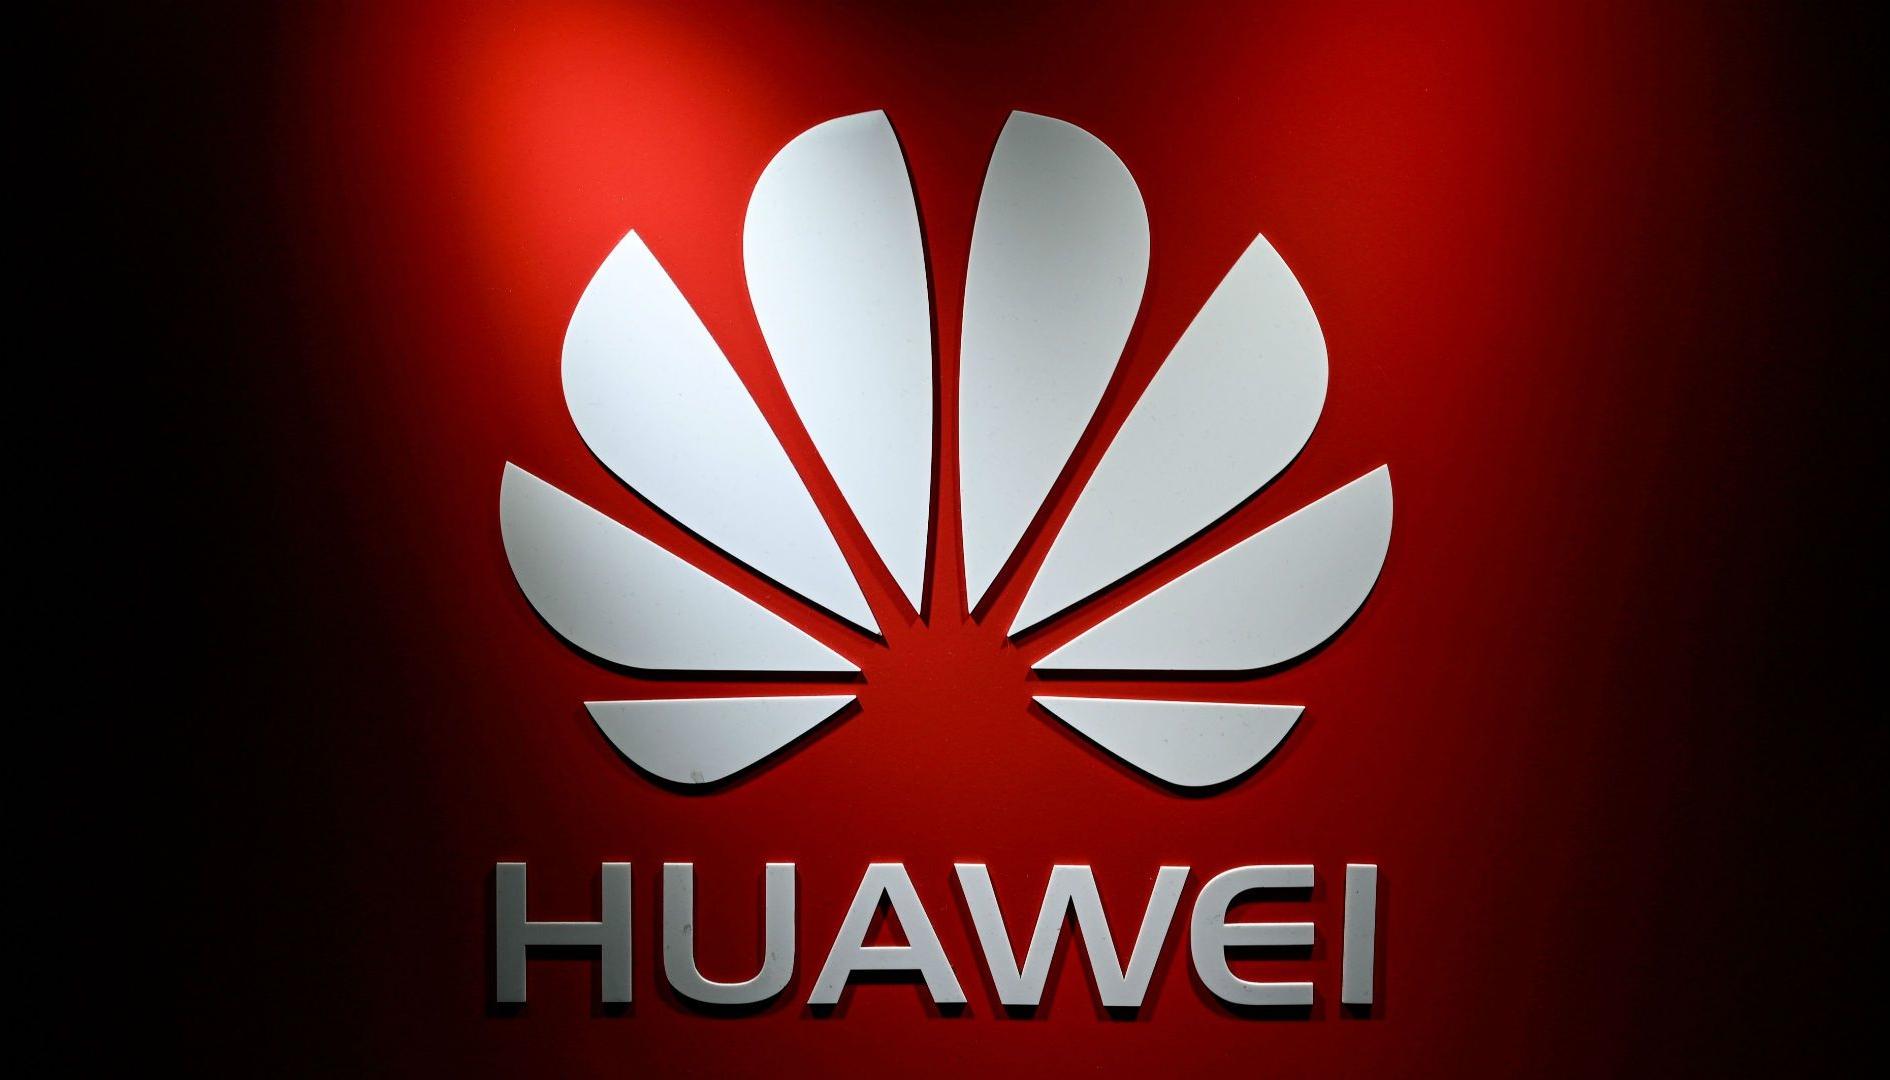 Huawei, adesso che succede con Android? Ecco lo scenario più probabile